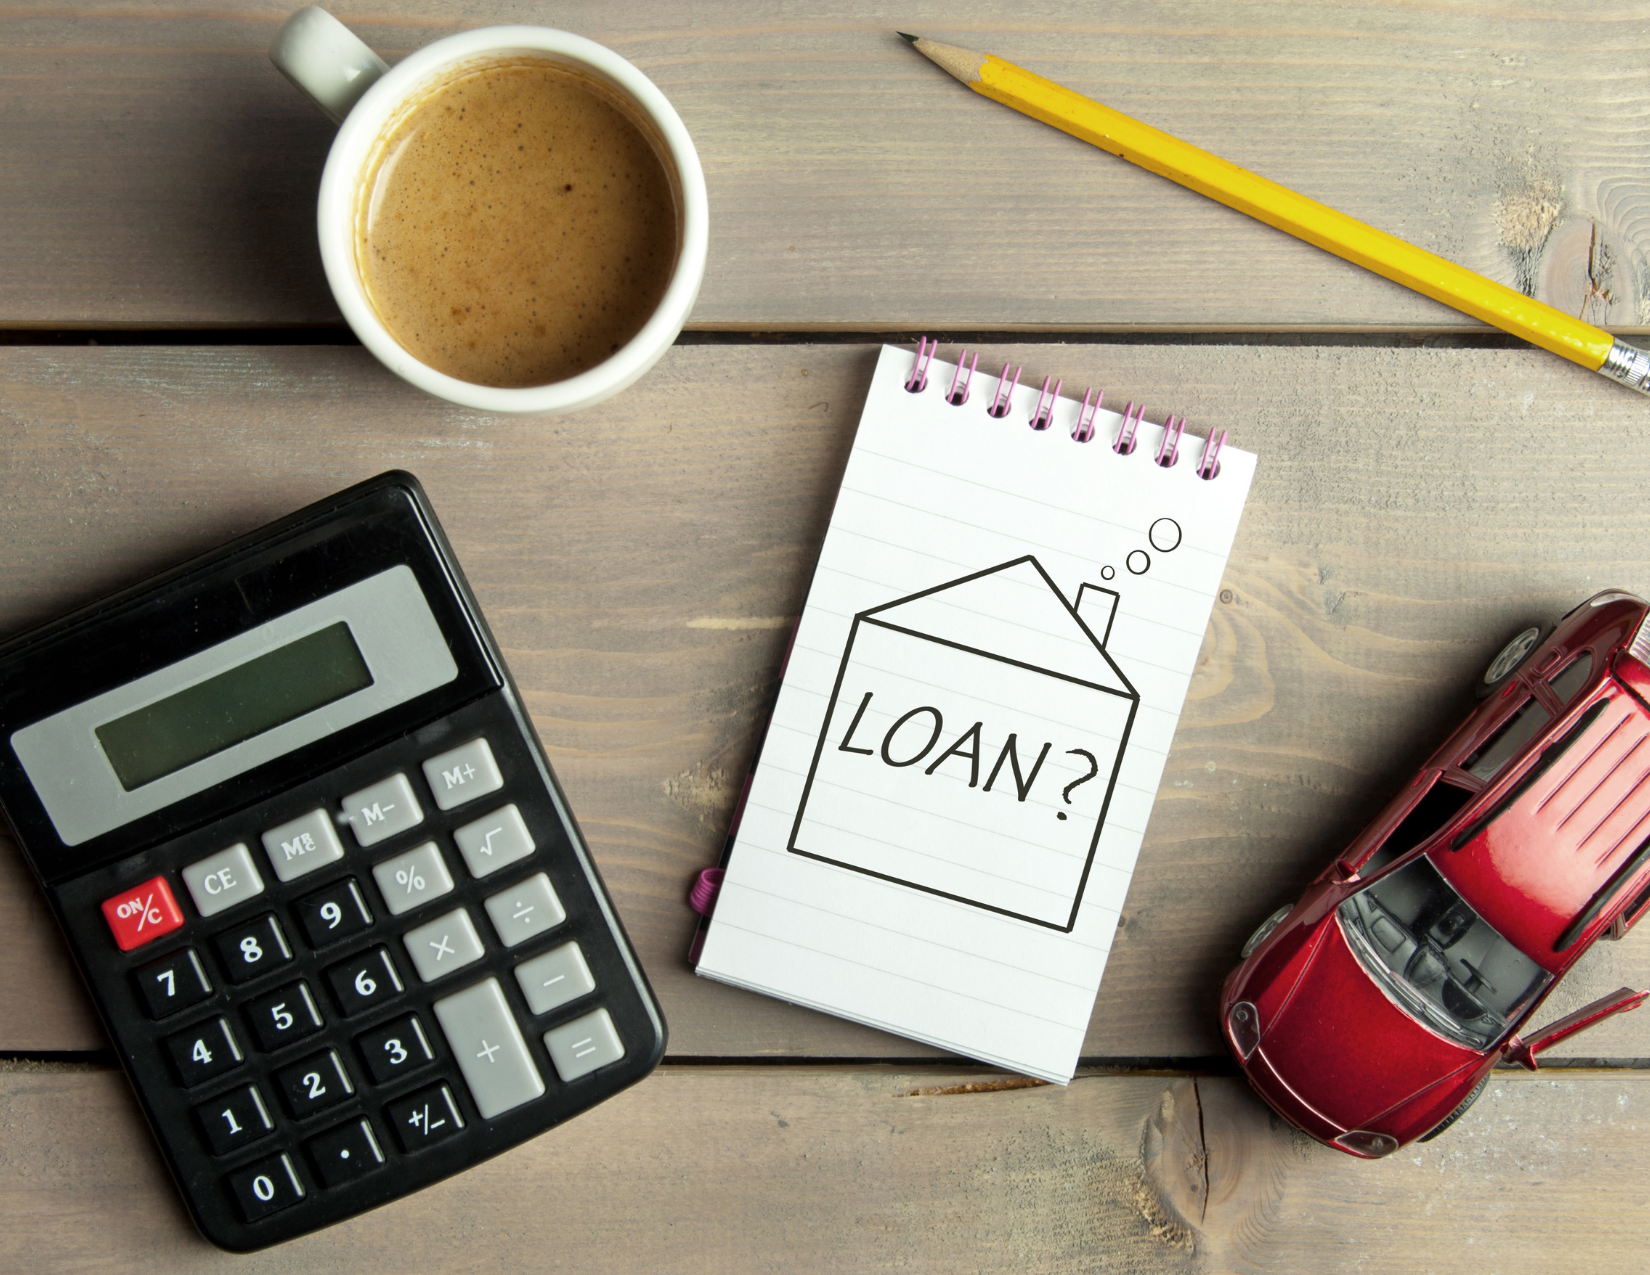 Shareholder loan taxation